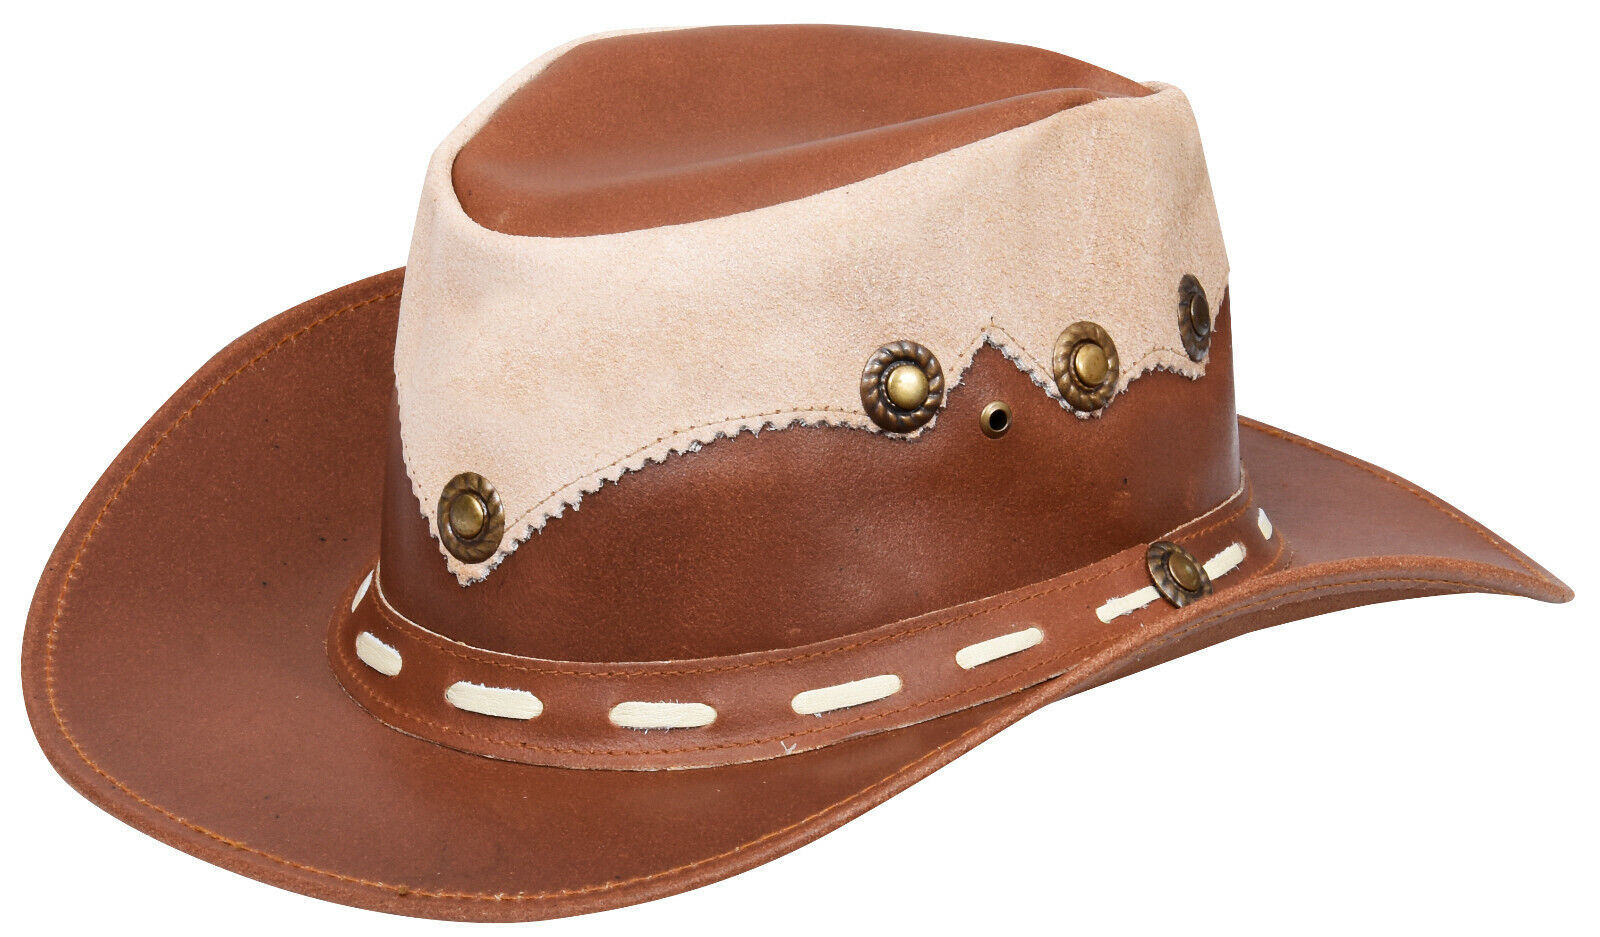 Australischer Western Stil Cowboy Outback Echtleder & Wildleder Aussie Bush Hut